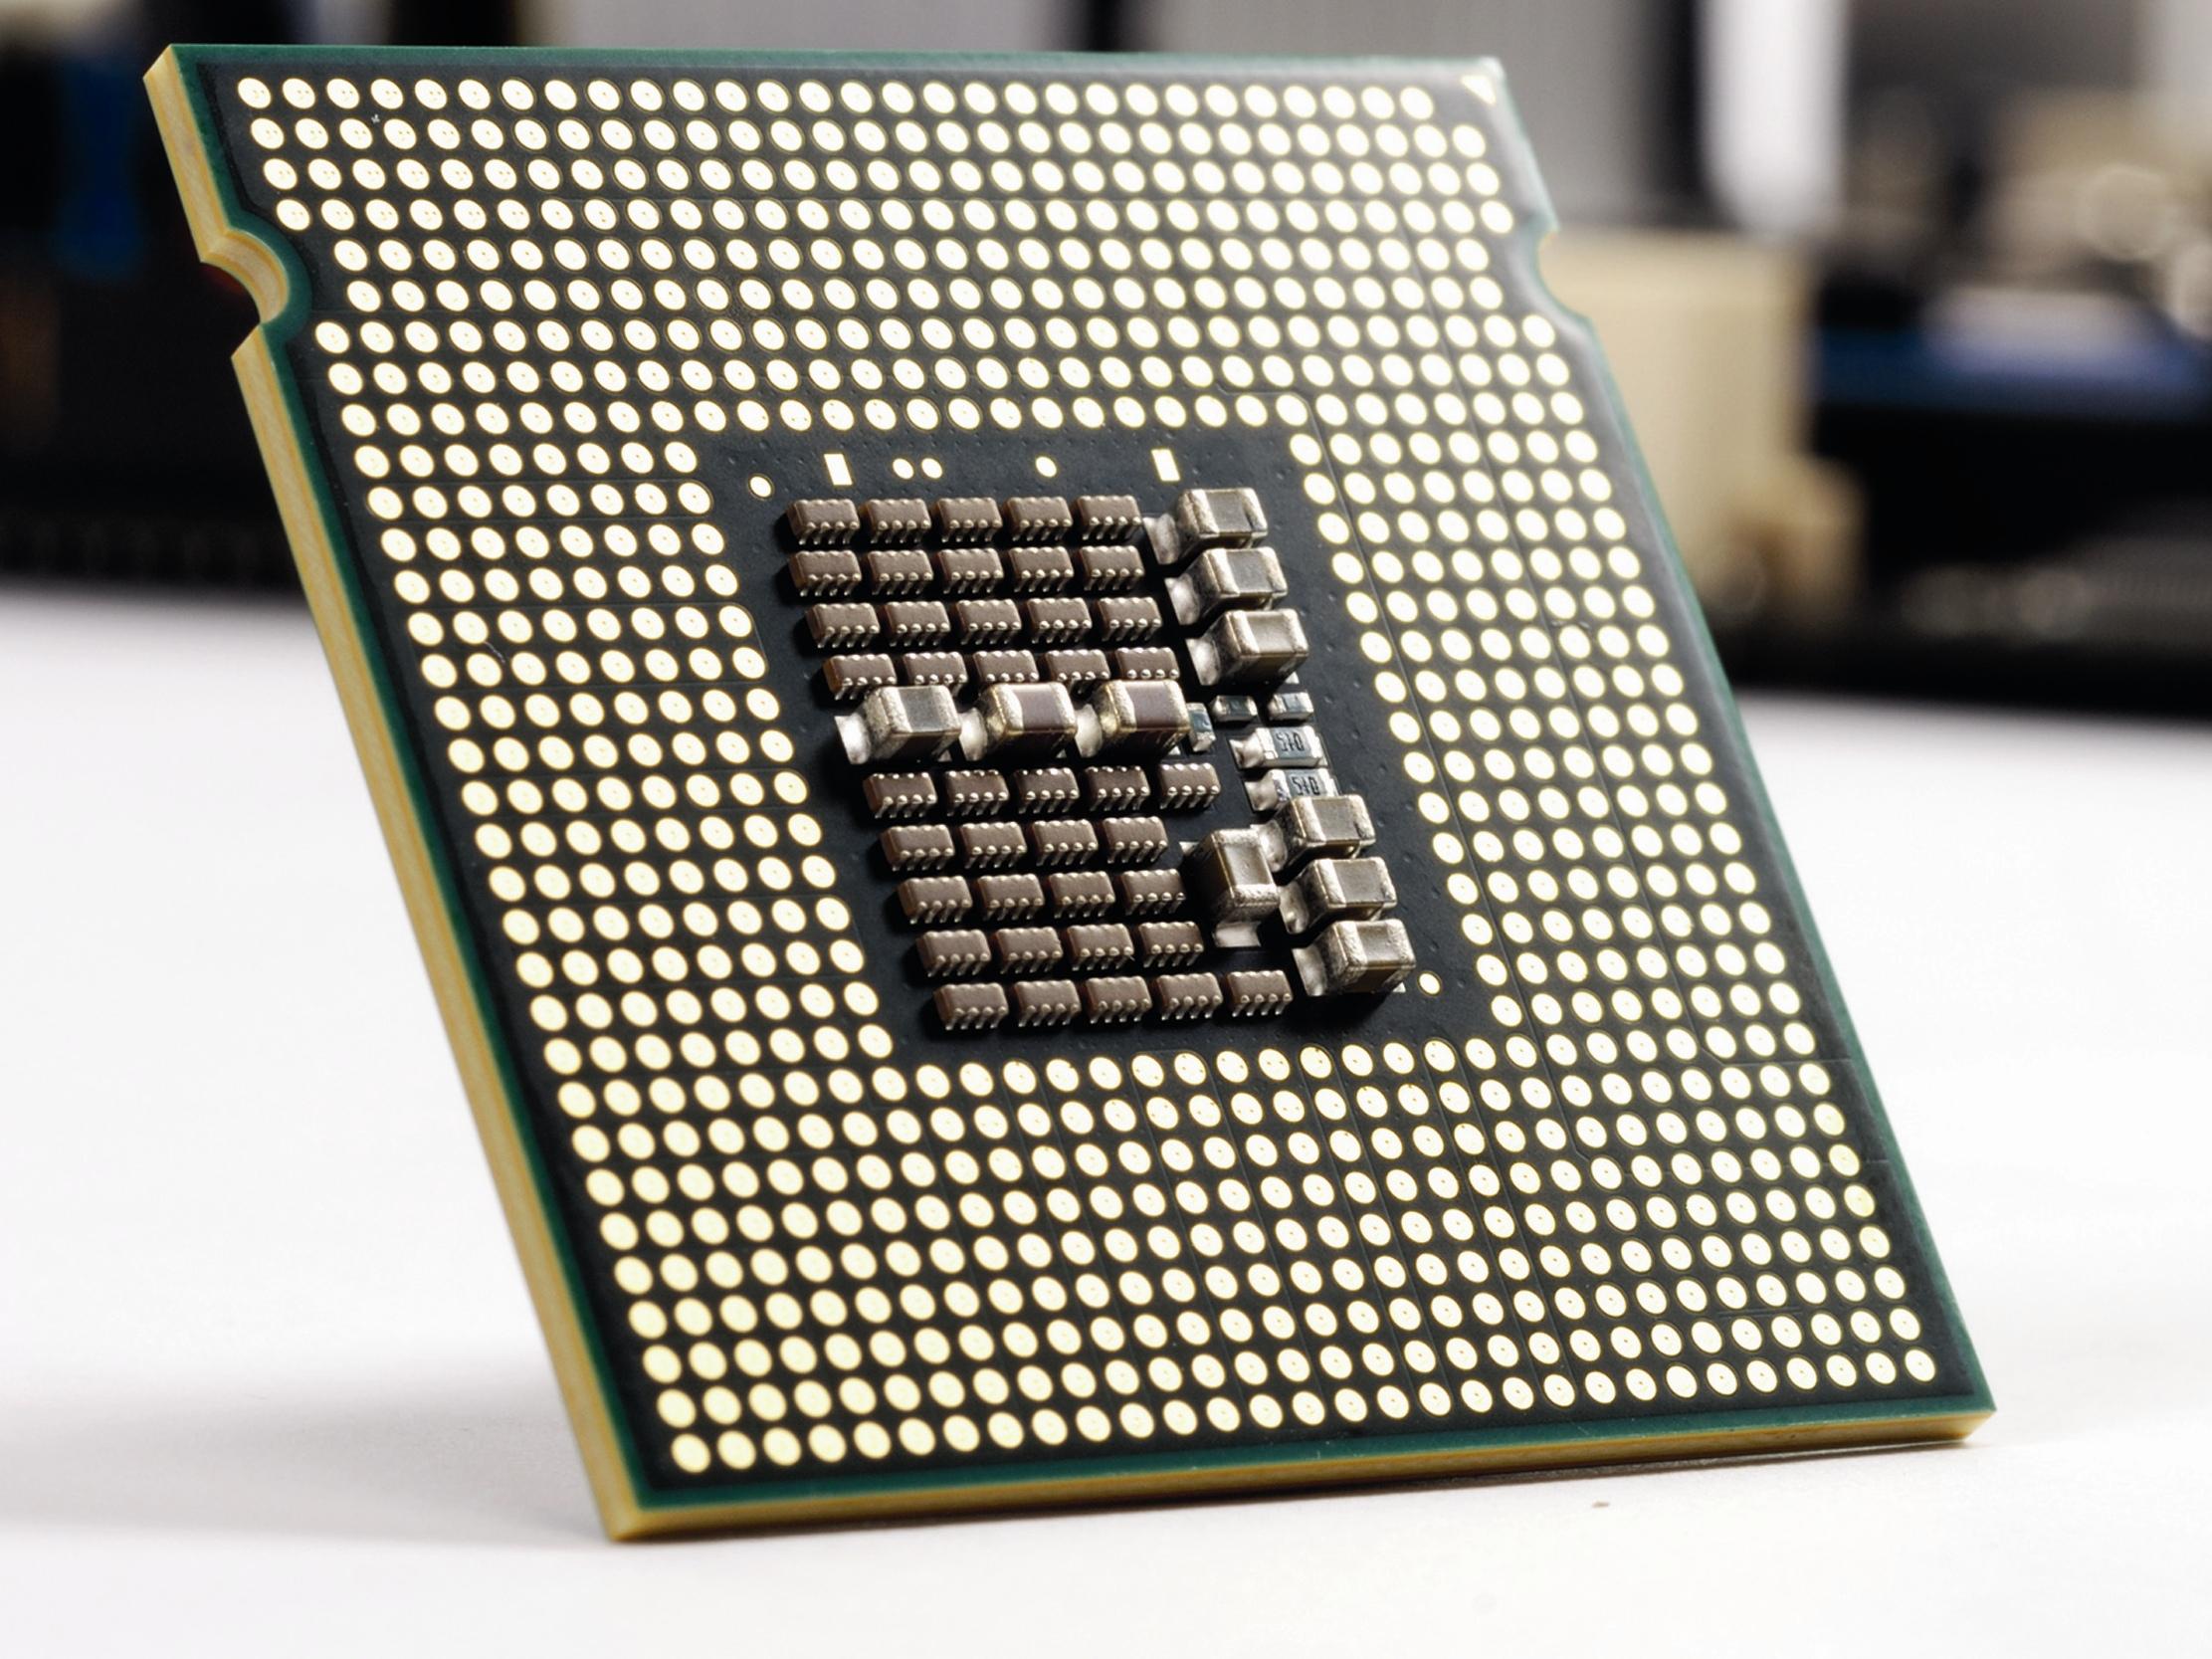 اینتل از نسل هشتم پردازندههای Core i پرده برداشت